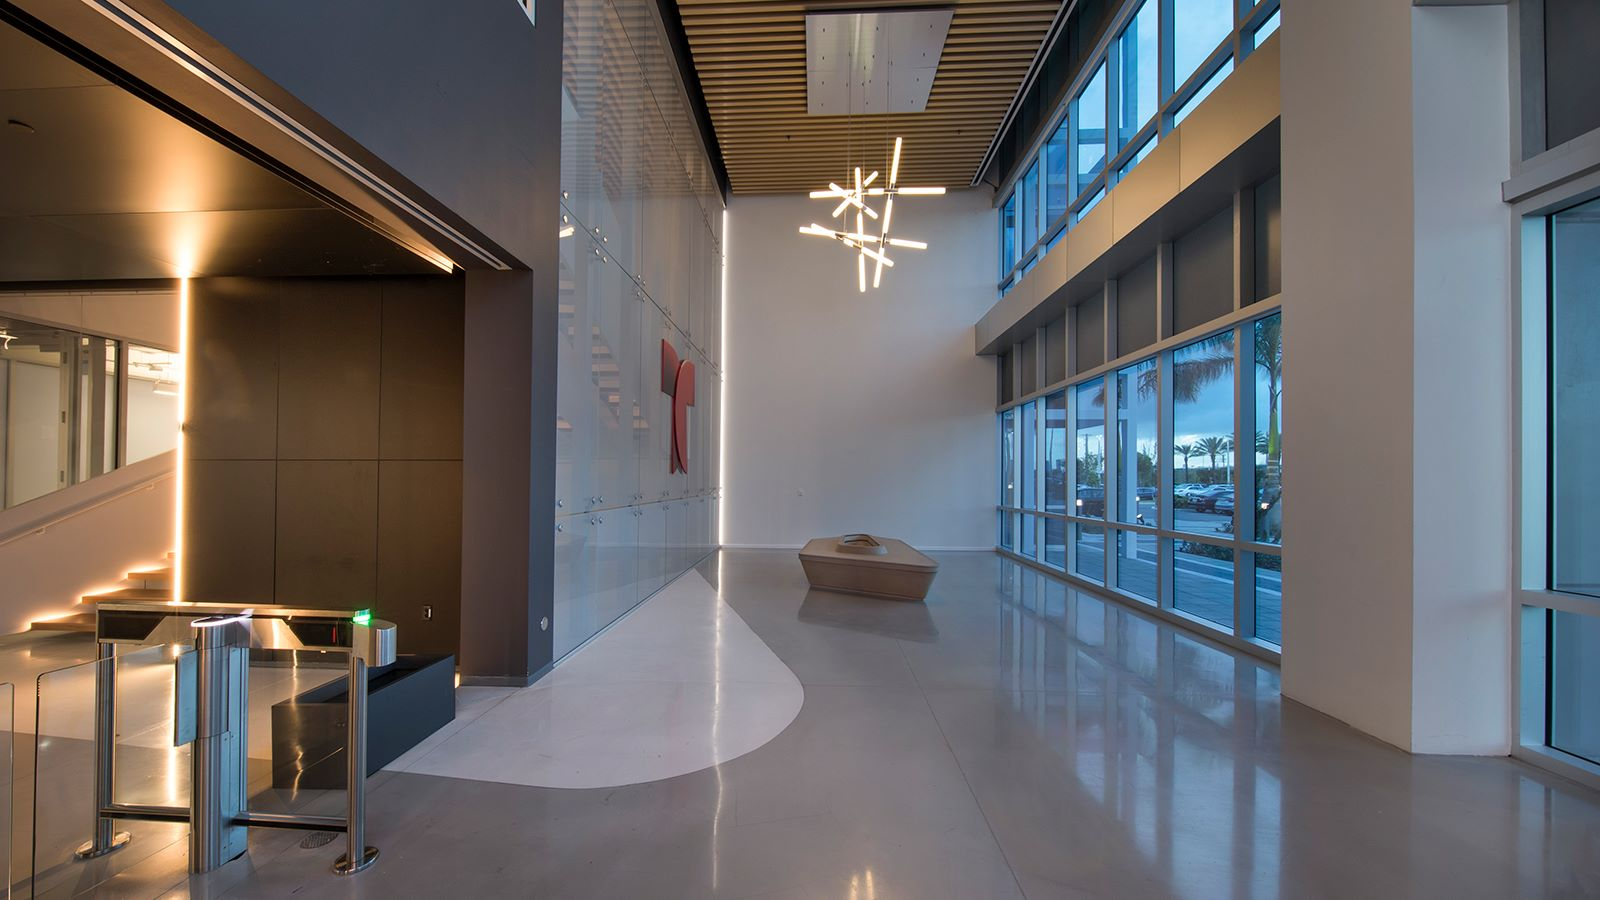 Telemundo Campus Miami, Main Entrance Lobby Area - Mace Group